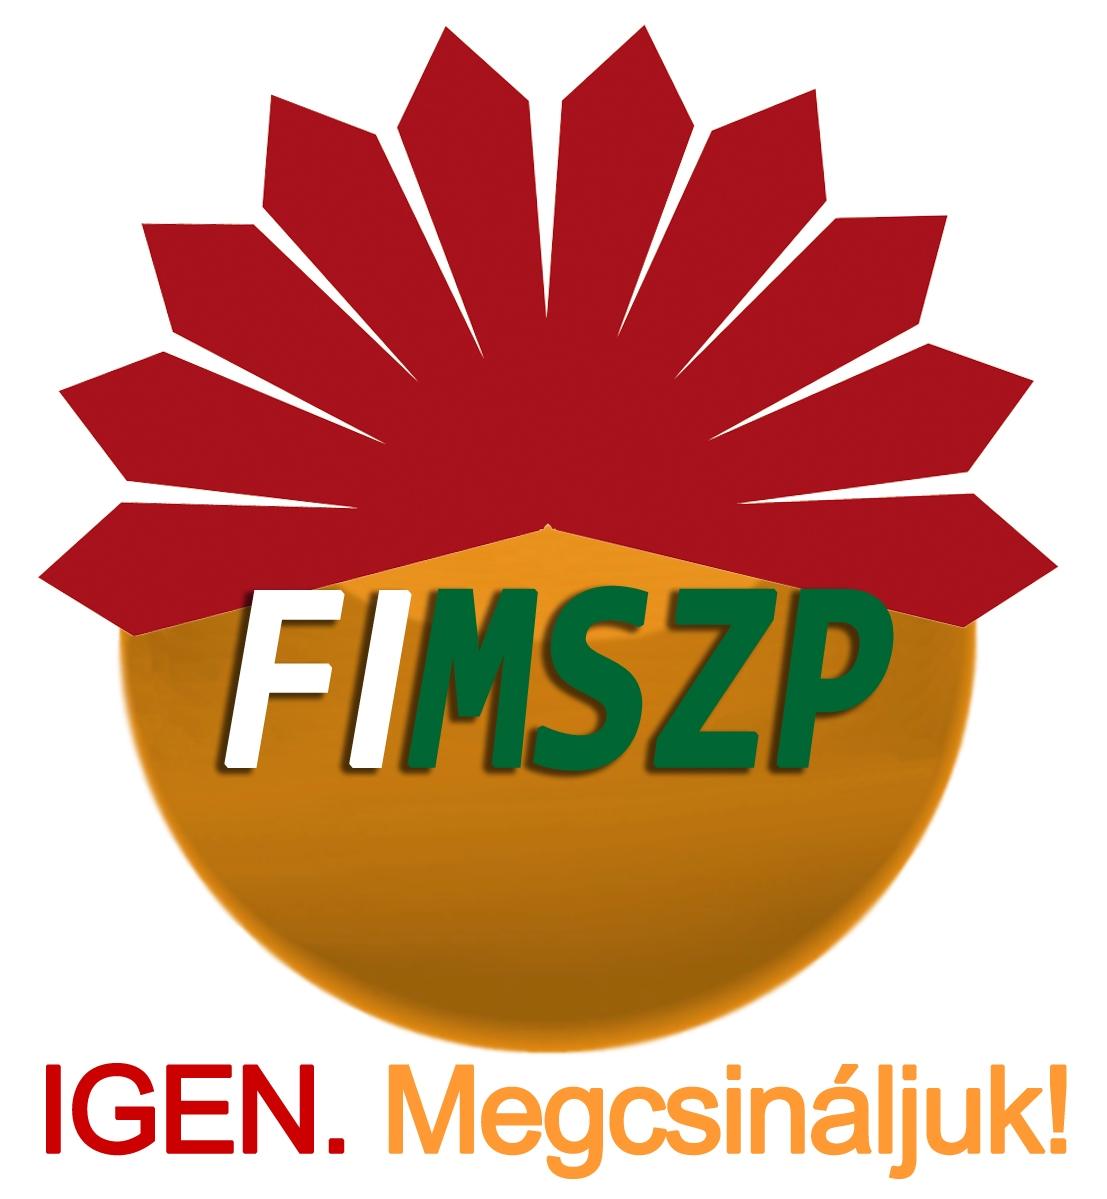 fimszp